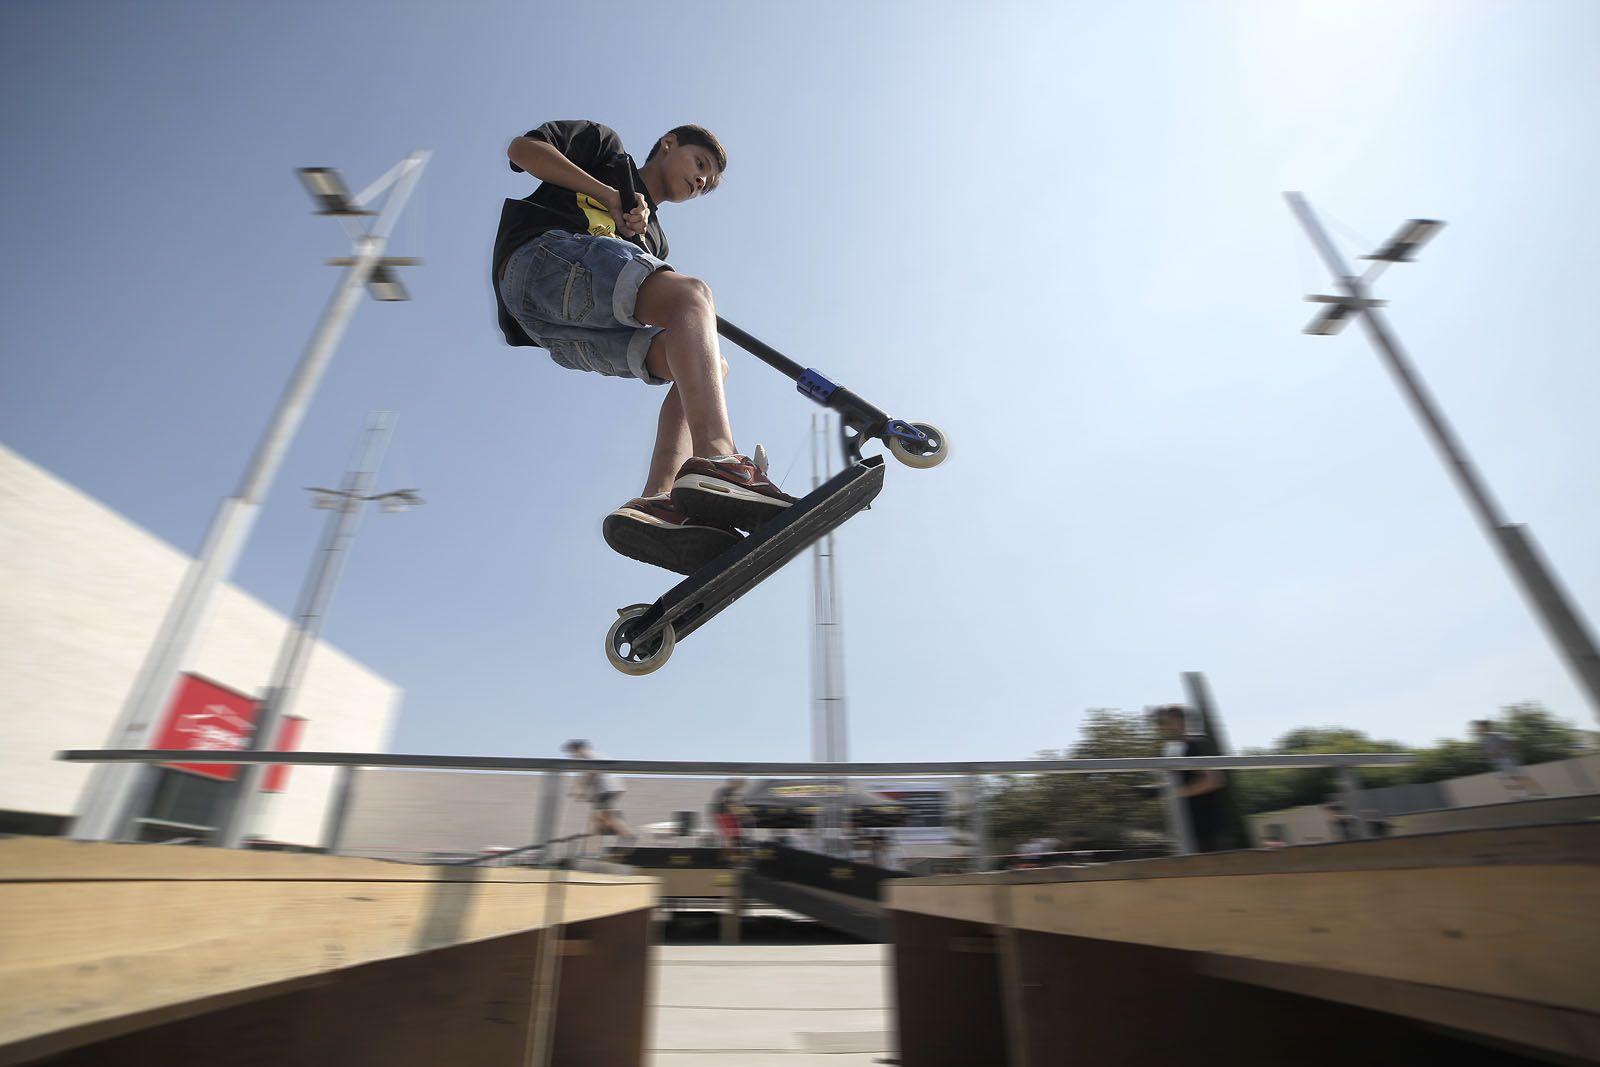 Open Skate Park a la Plaça Victòria dels Àngels. FOTO: Artur Ribera